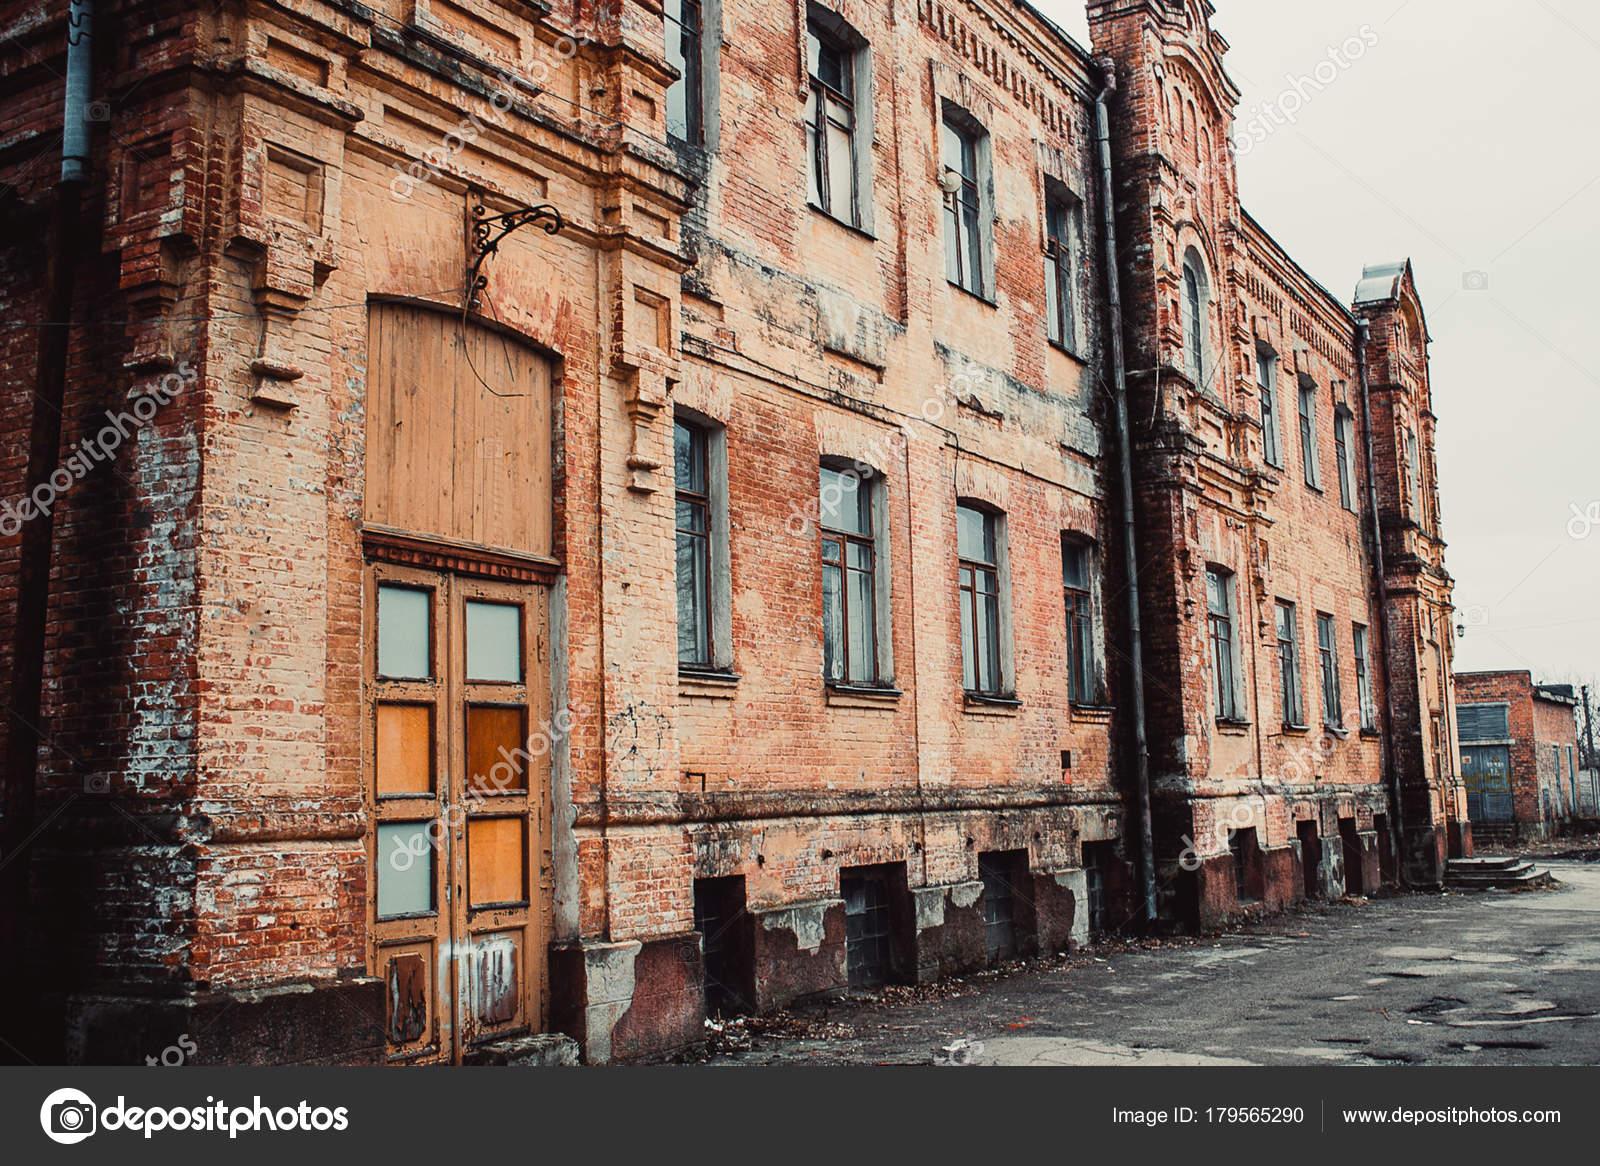 Alte Holztüren alte holztüren mit einem verblassten roten lack die alte verlassene